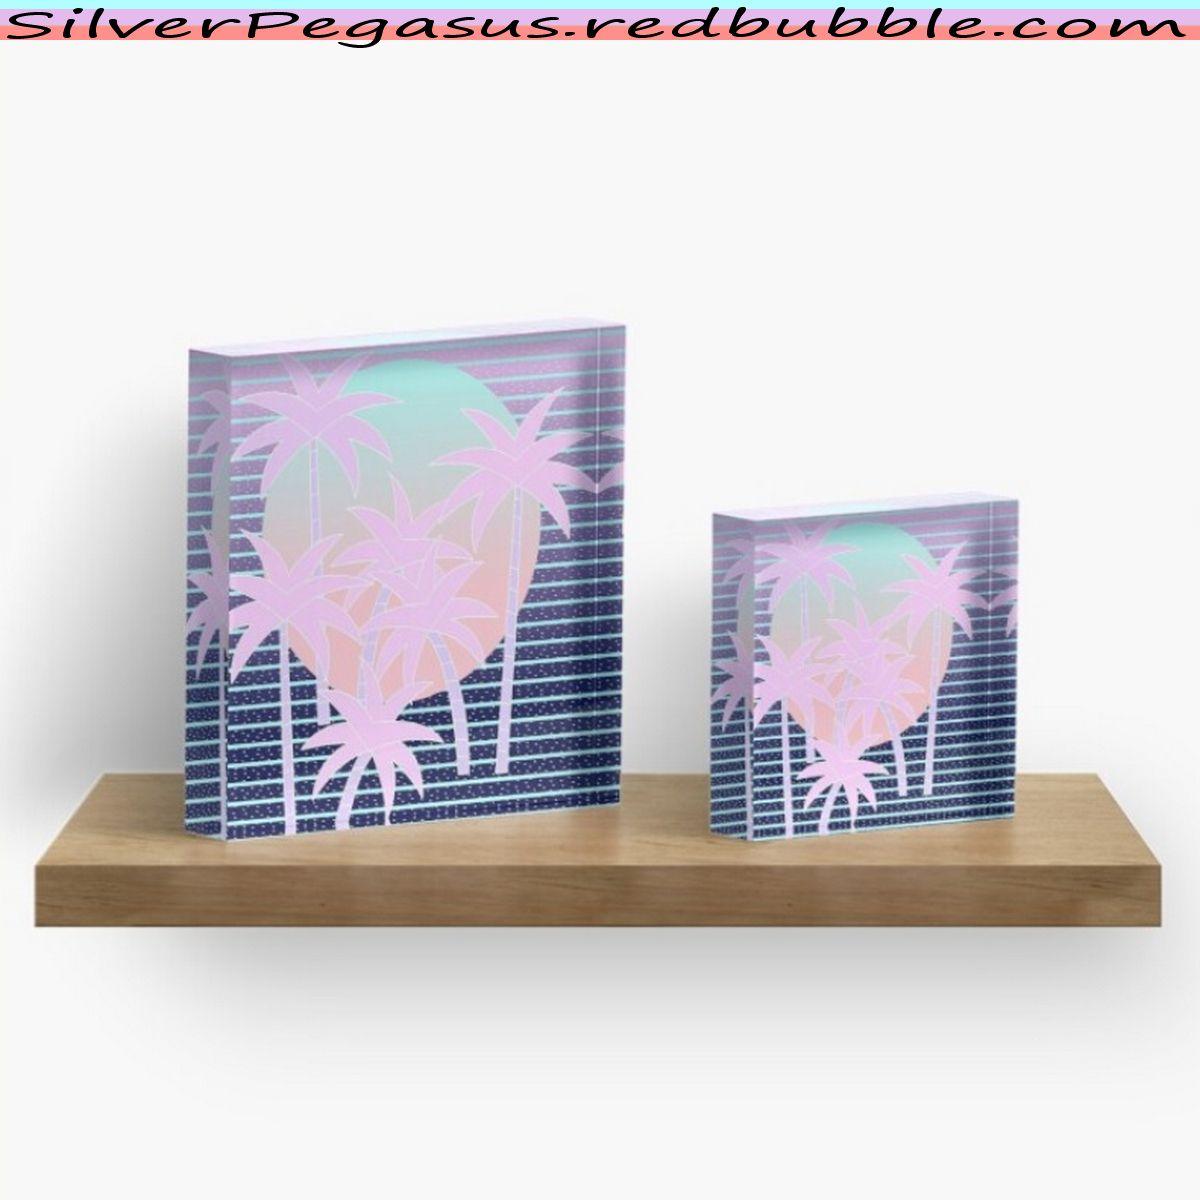 Hello Miami Moonlight Acrylic Block By Silverpegasus Home Decor Wall Art Trendy Home Decor Tropical Decor